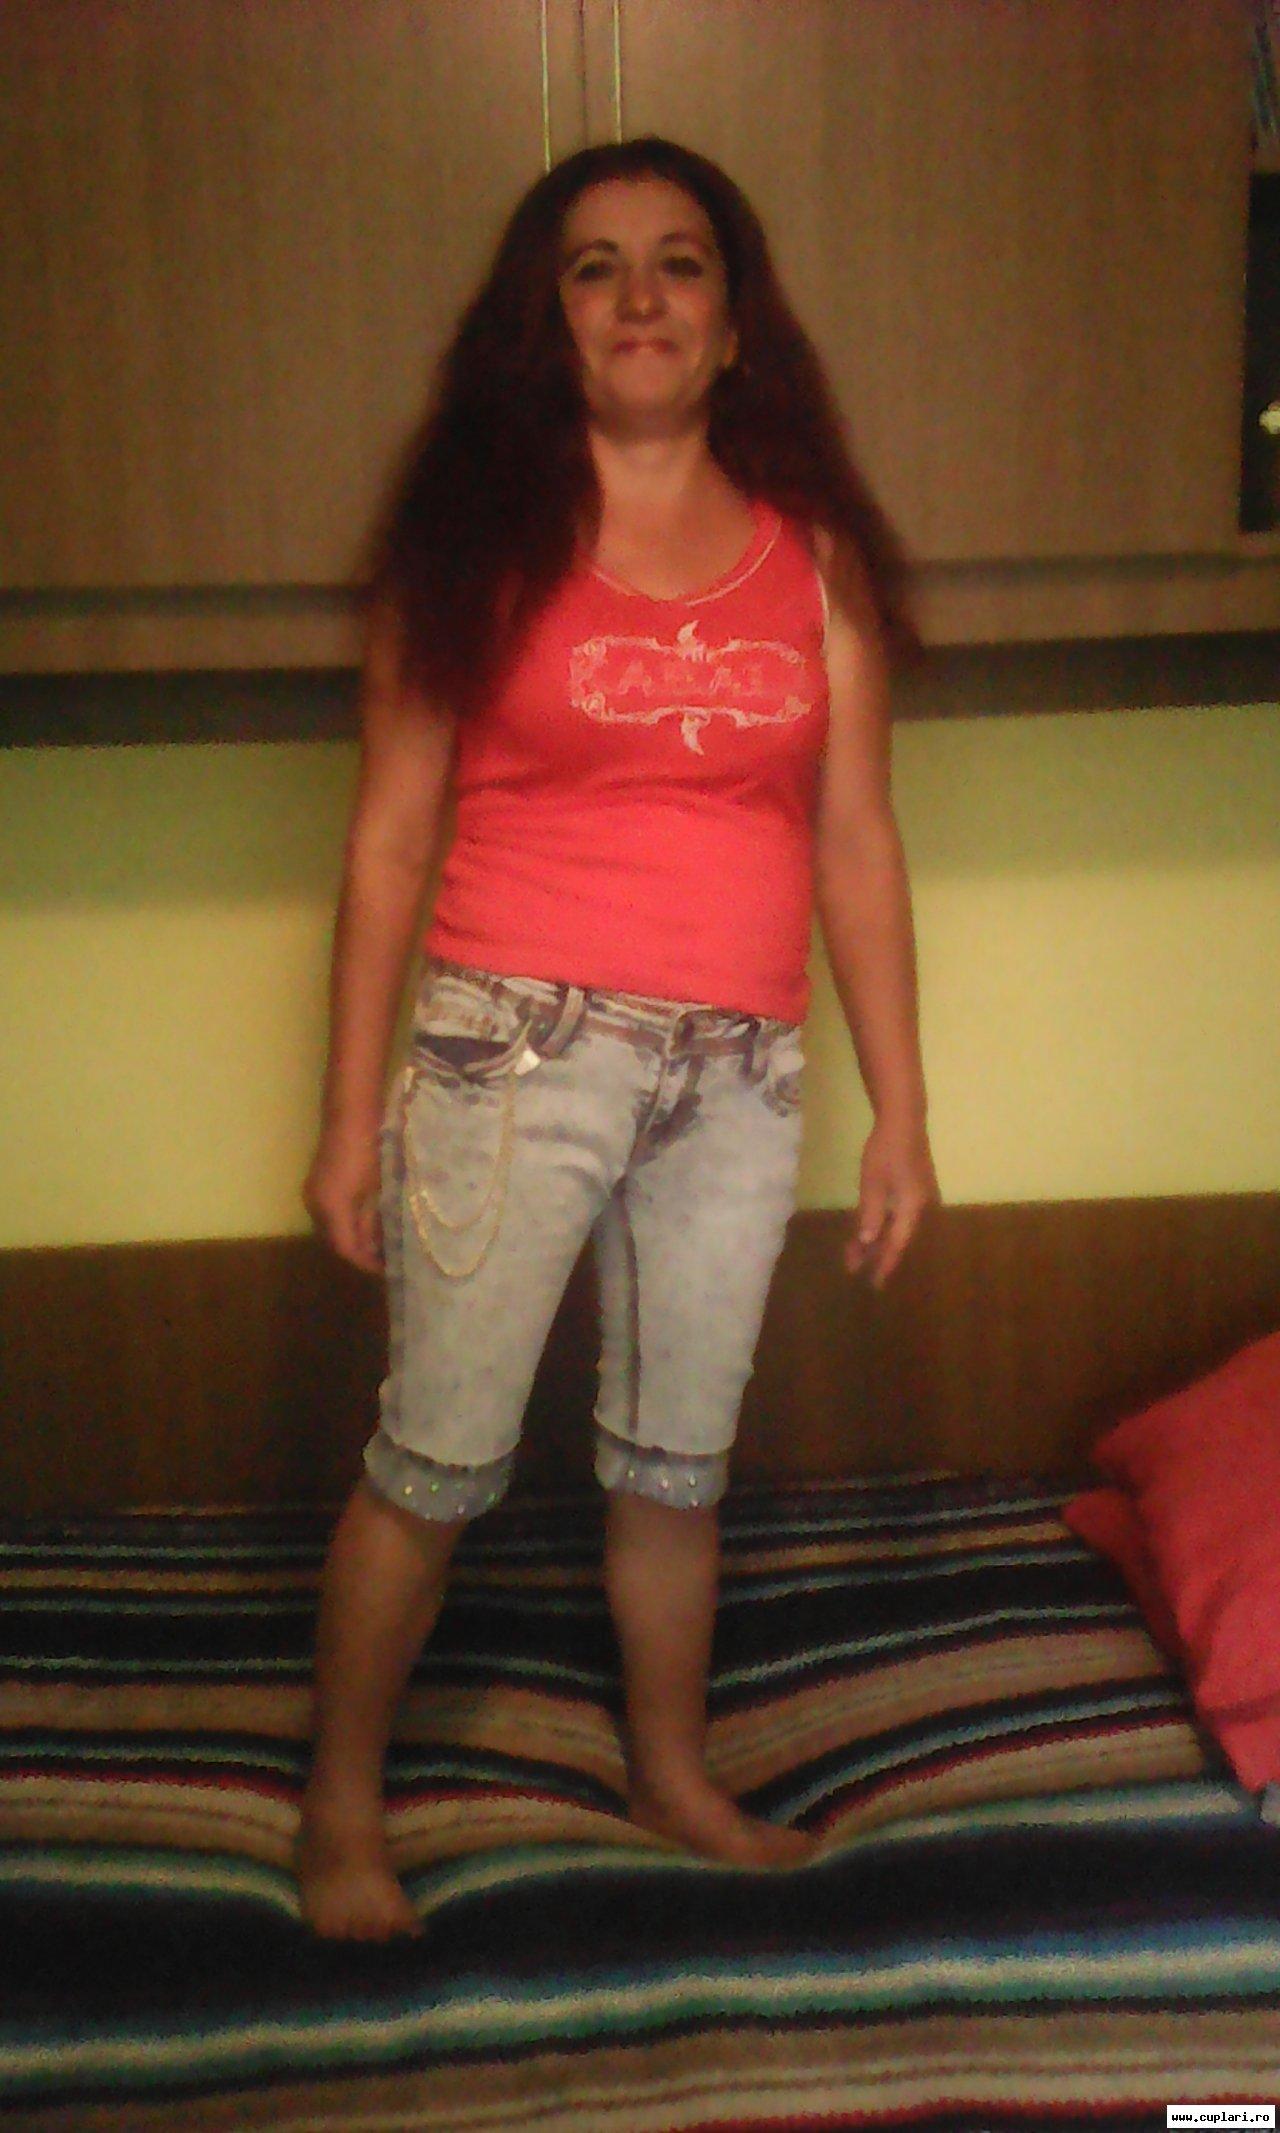 întâlniri cu bărbați și femei în românia doamna in varsta caut baiat tanar drăgănești olt